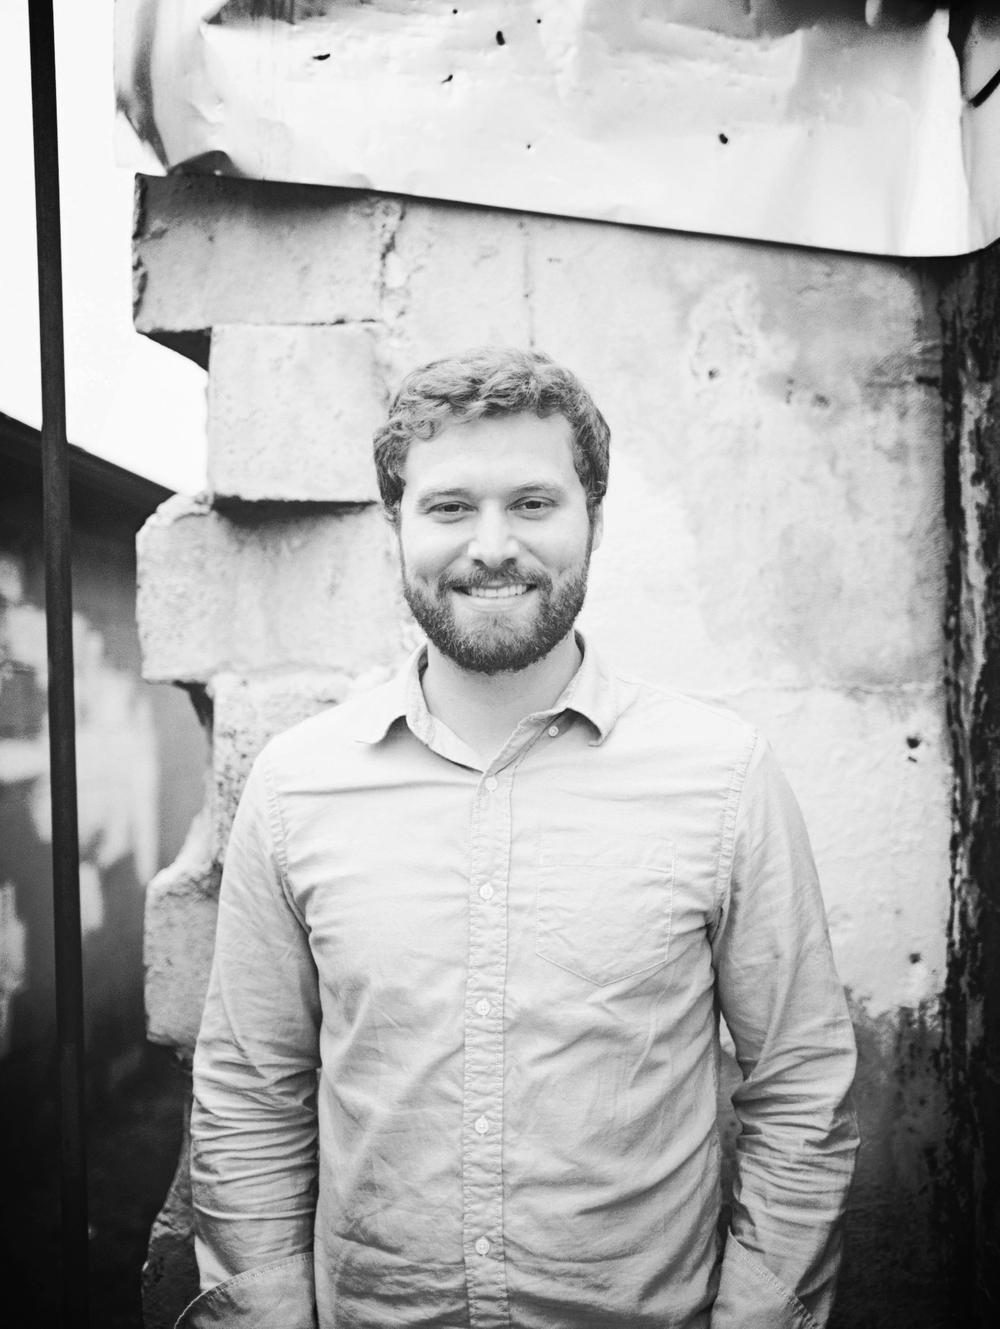 CHRISTOPHER MUNN Owner / Lead Composer